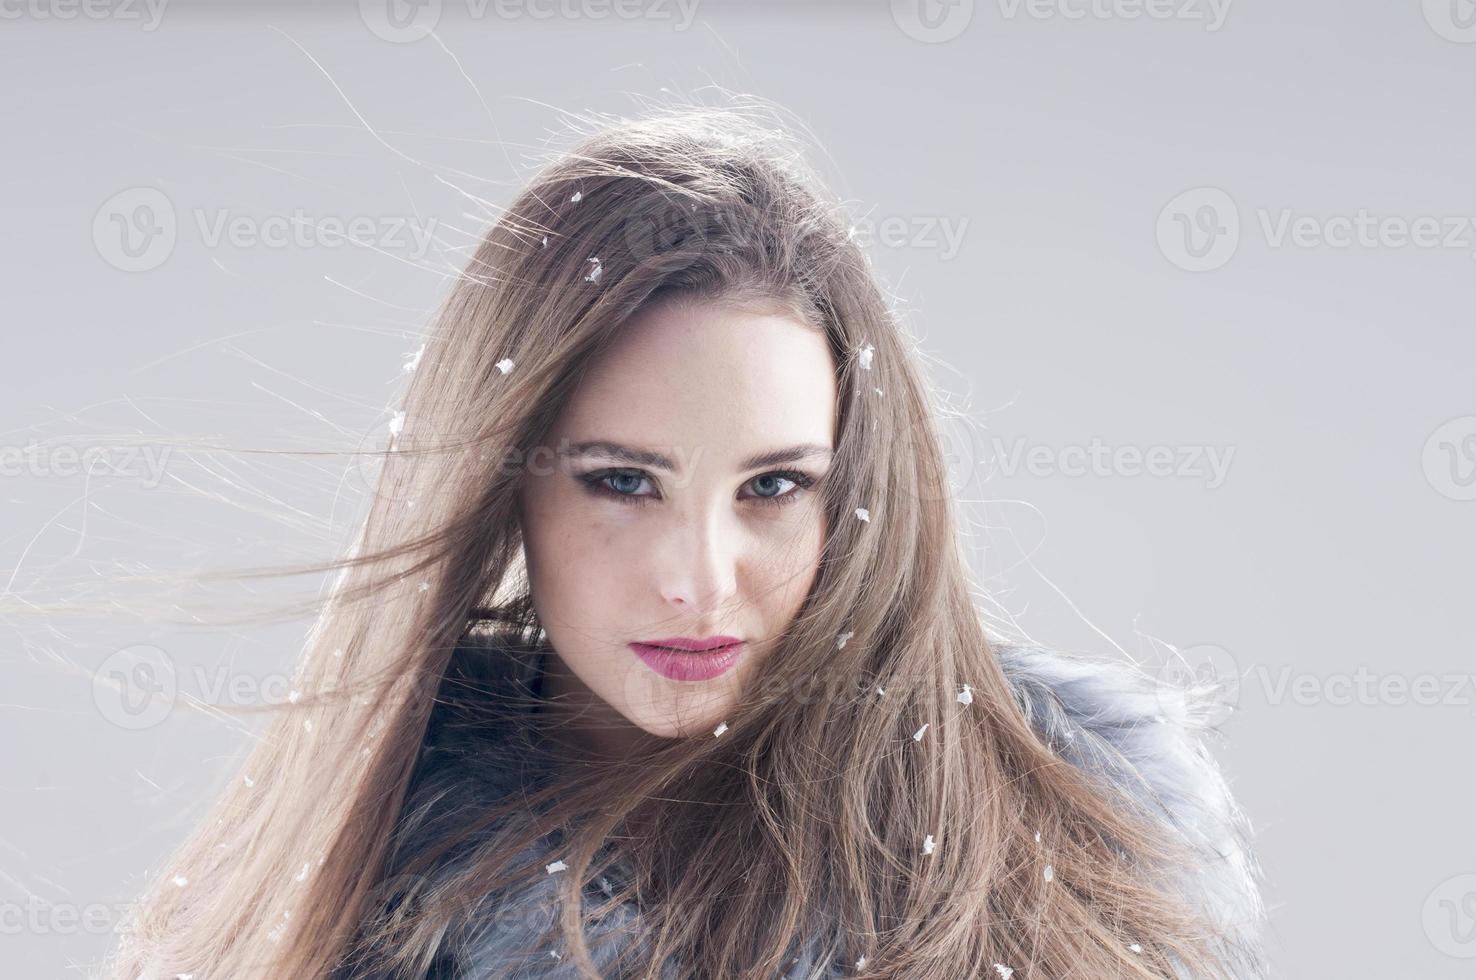 garota sensual com um casaco de pele foto